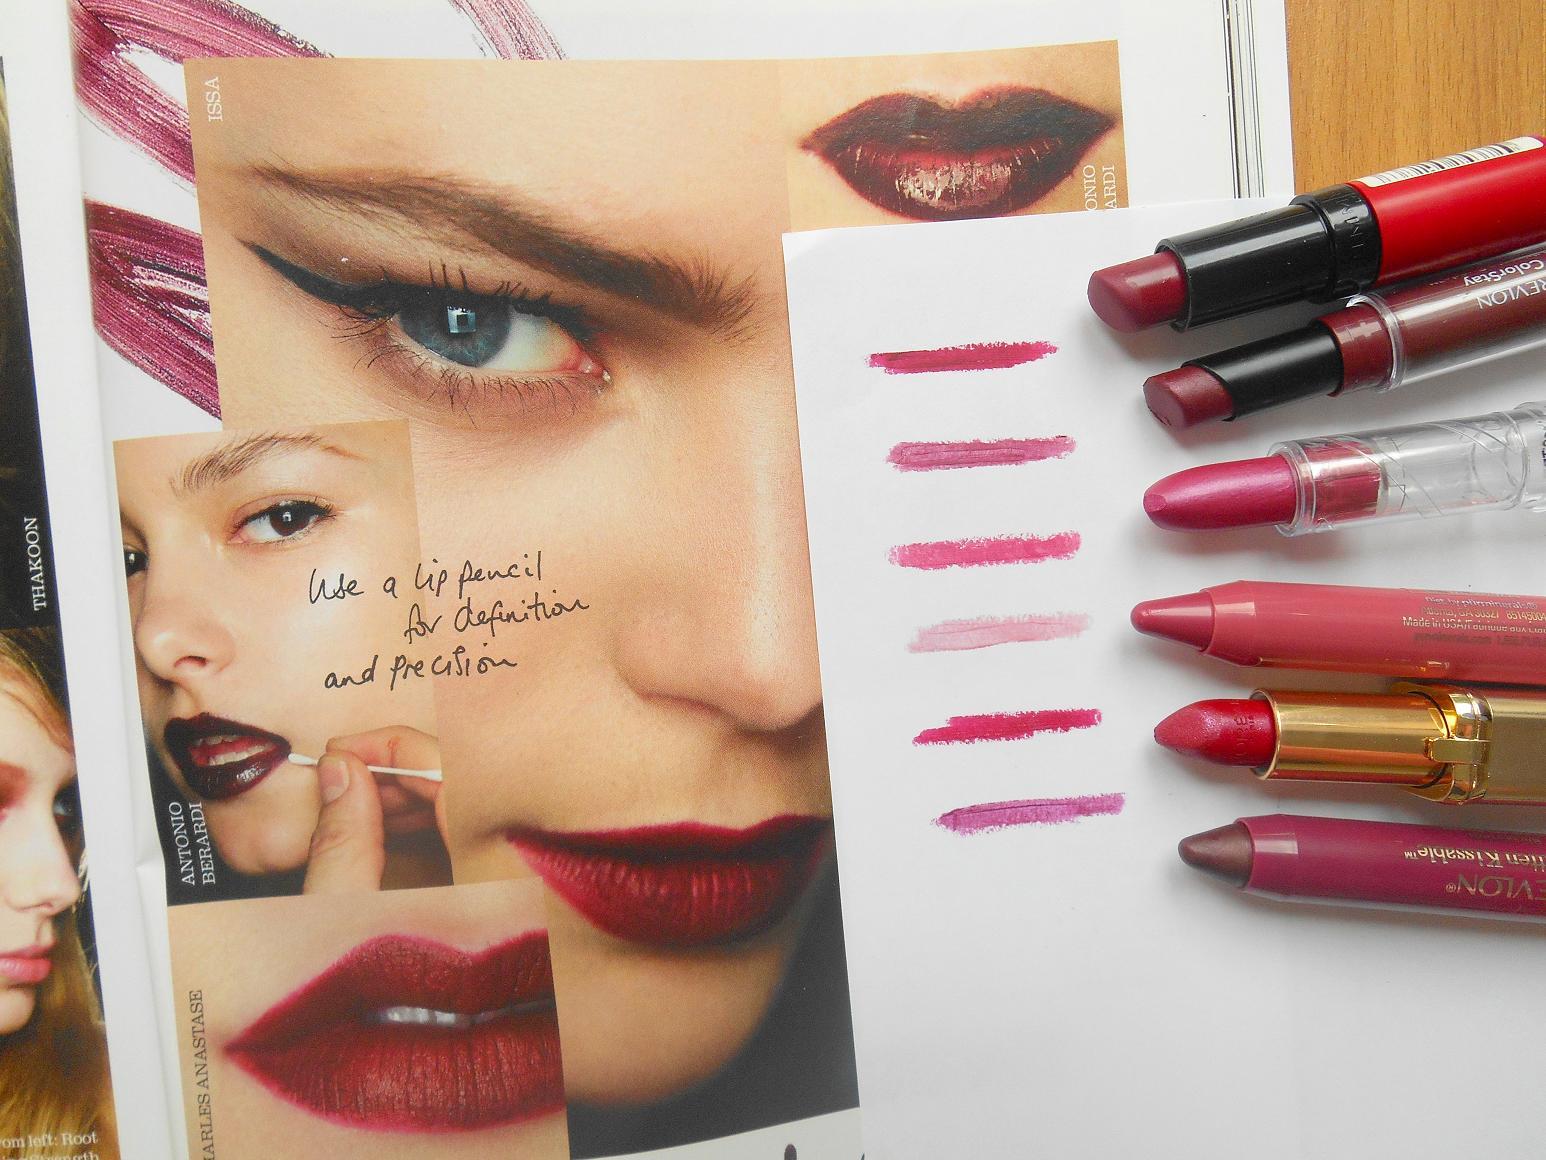 UK beauty blog